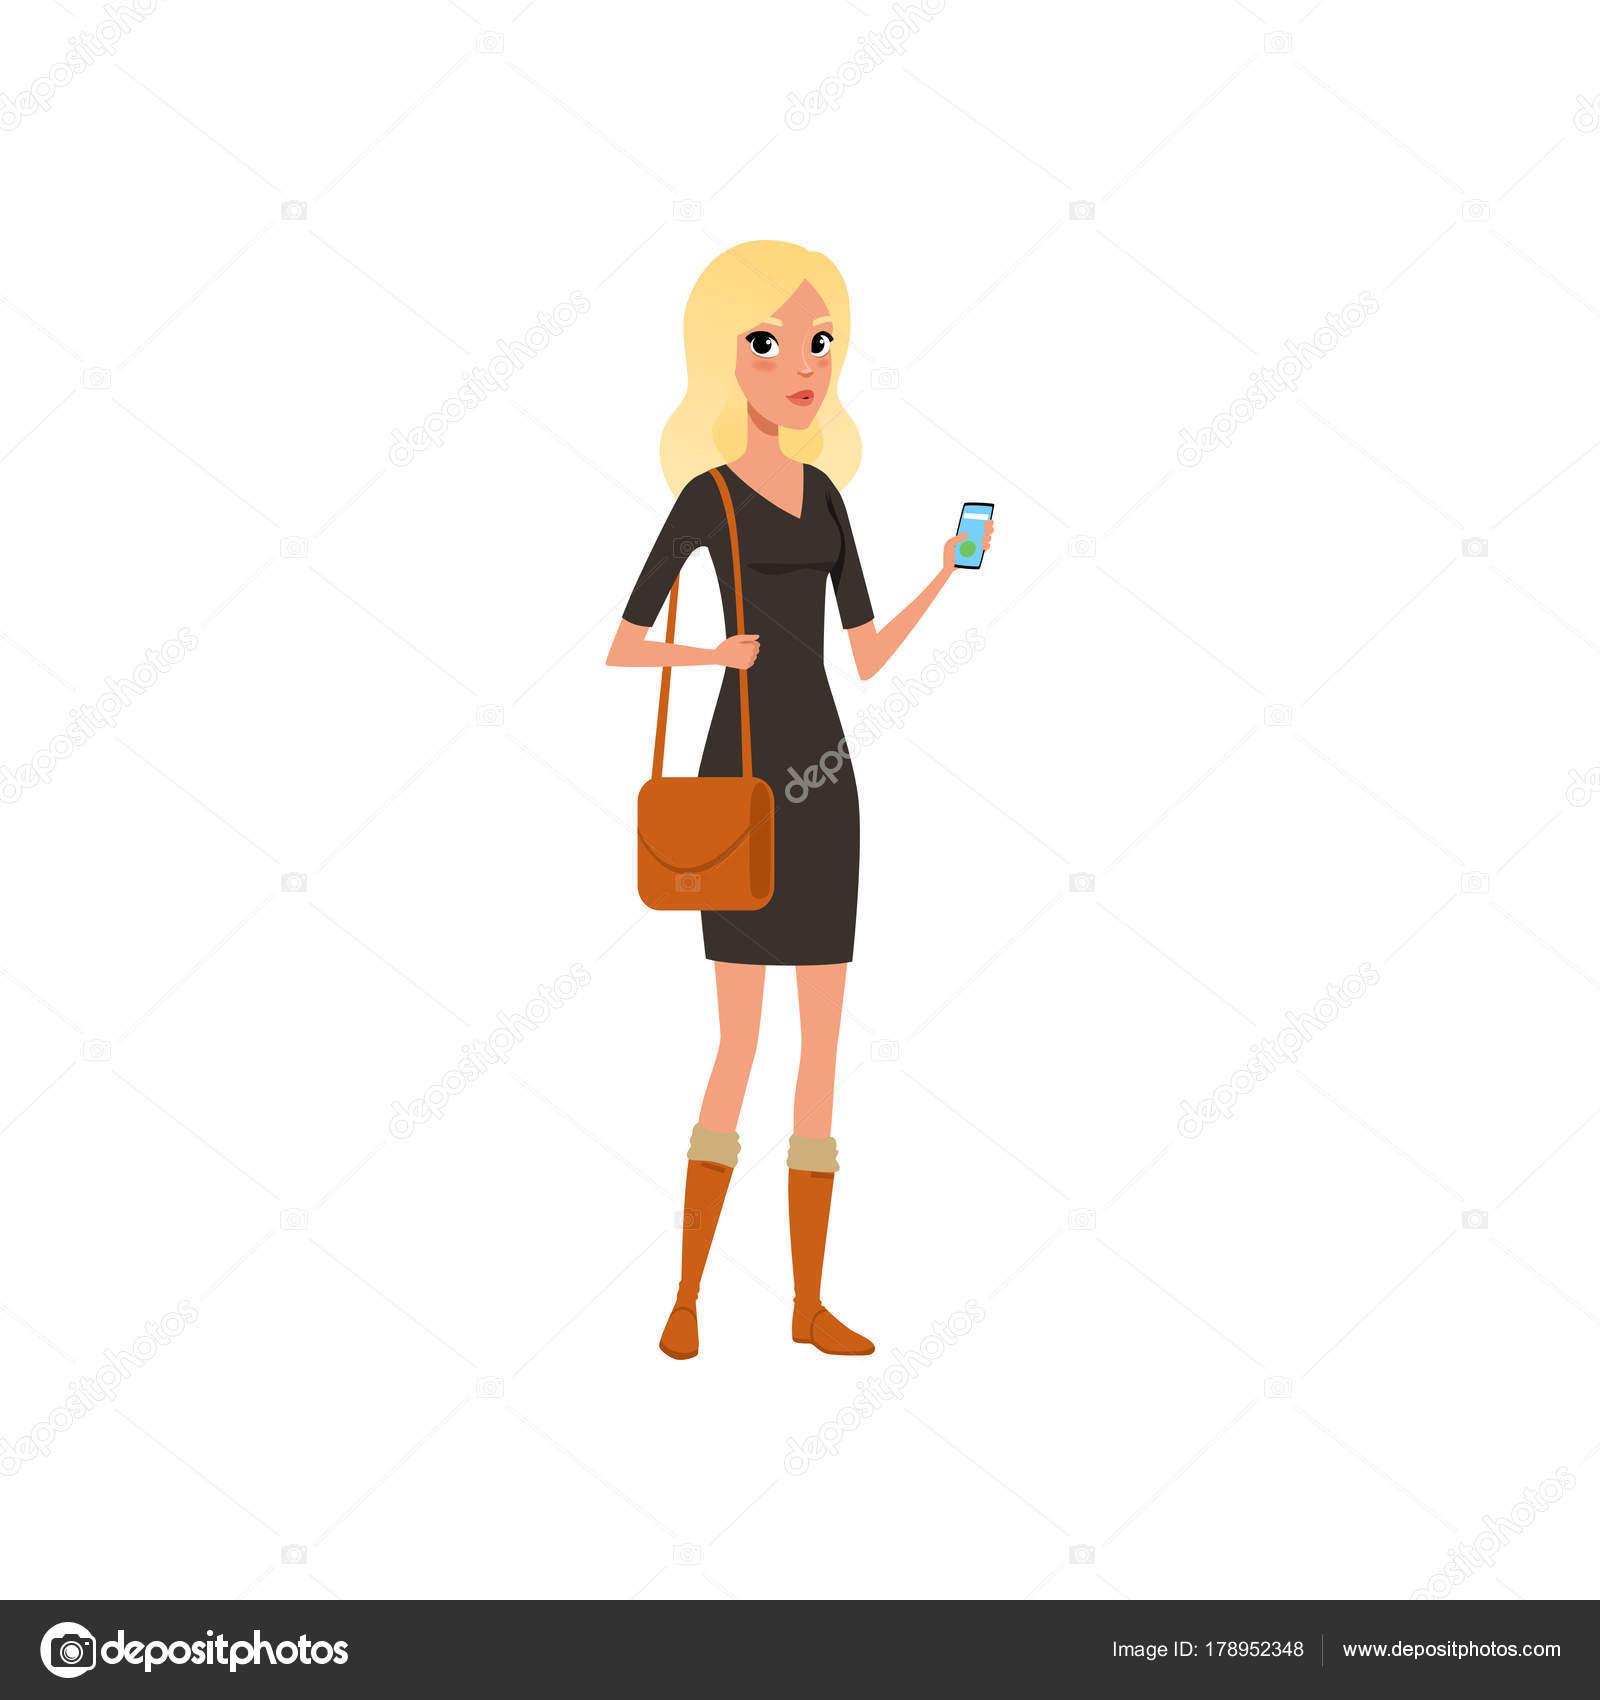 In De Smartphone Kaukasische Mooie Blond Vrouw HandCartoon Met cFTKJl1